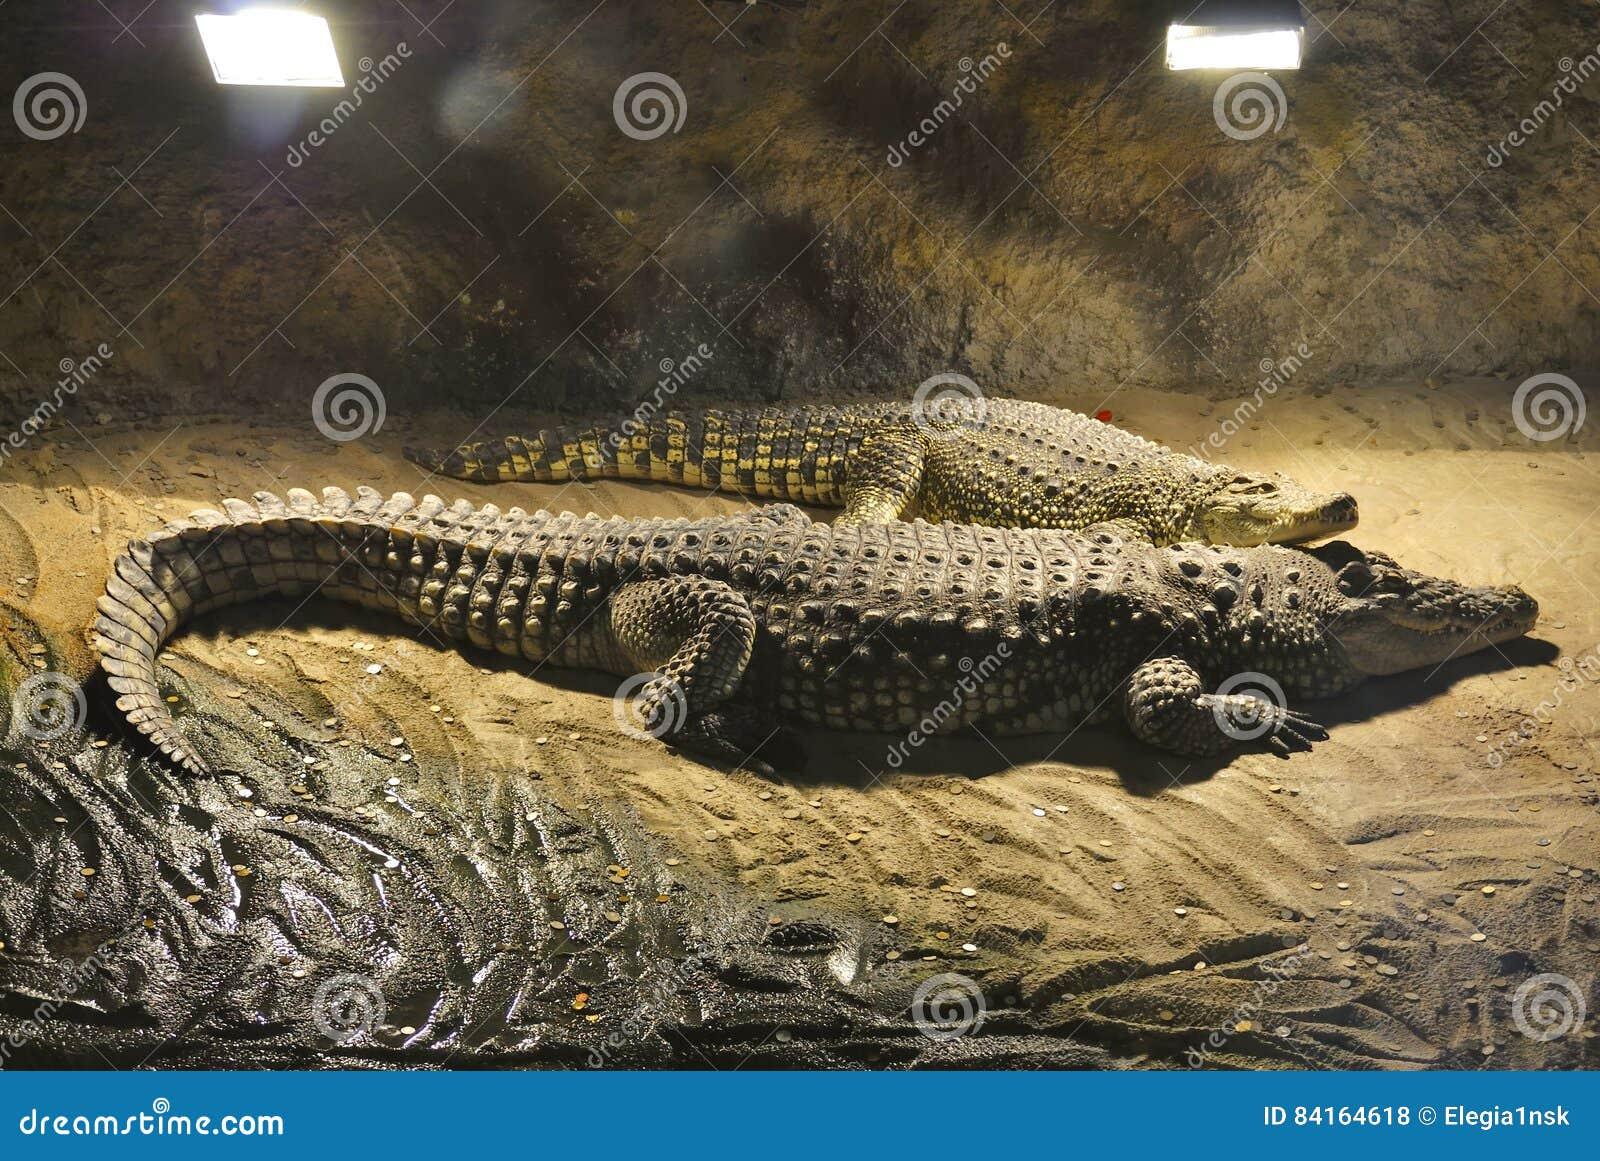 Cocodrilos del Nilo, o niloticus del Crocodylus